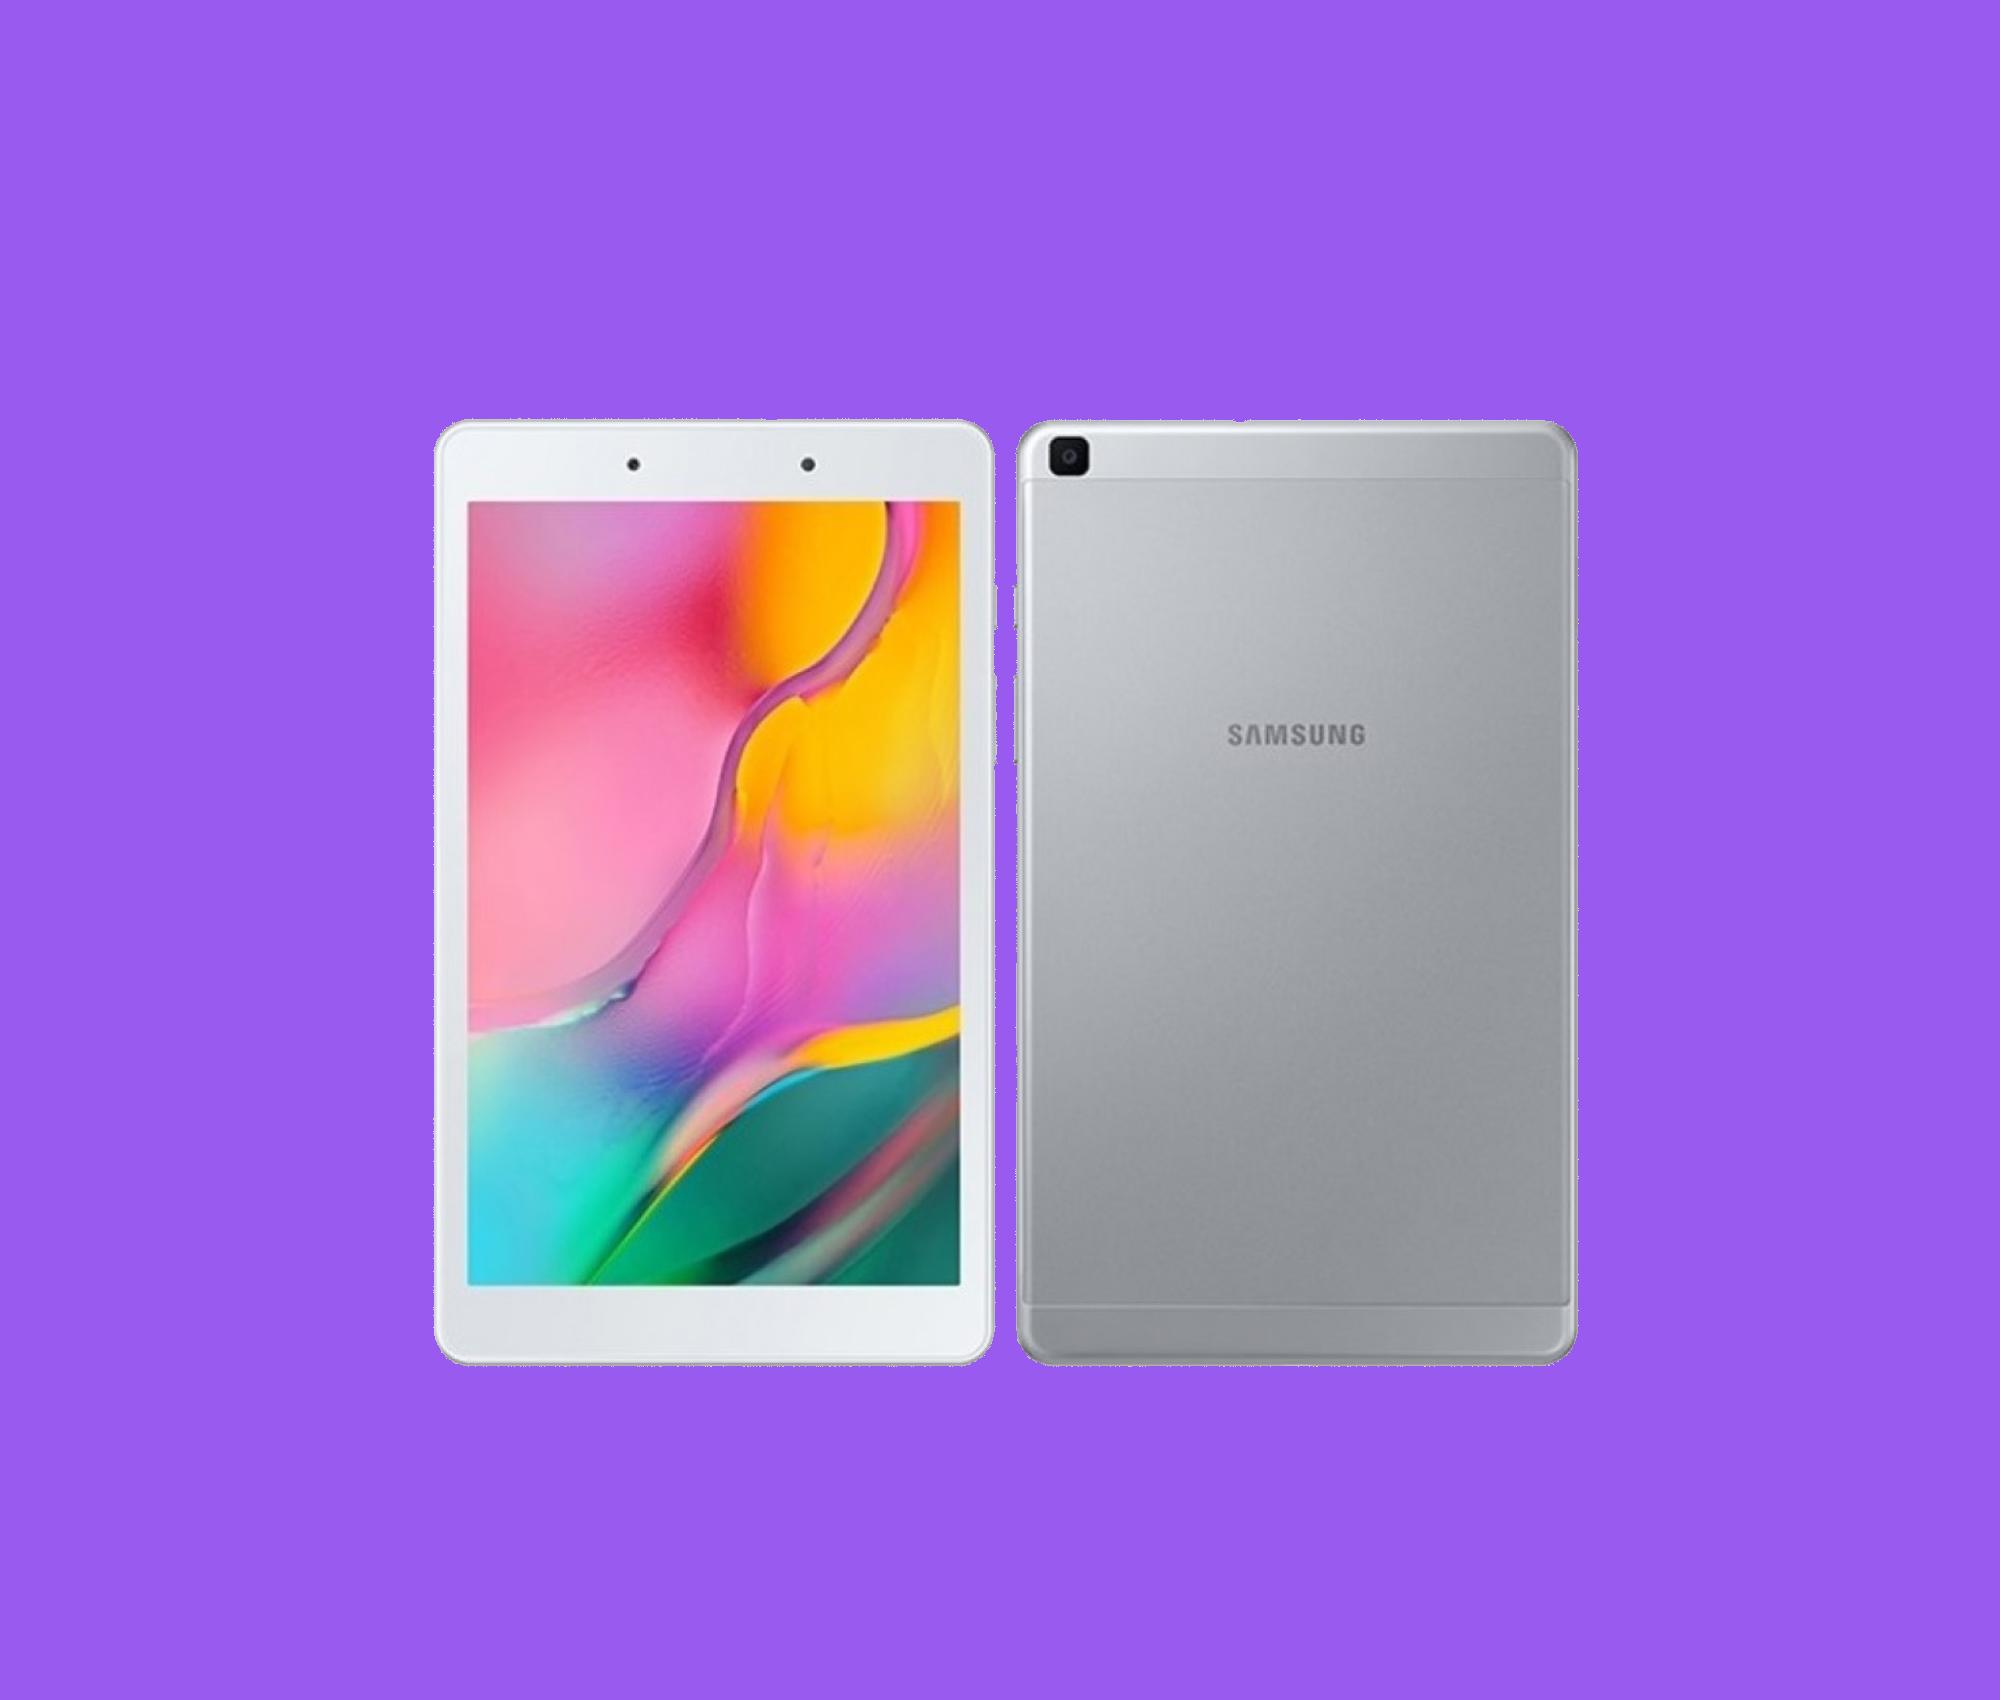 Samsung hizo un nuevo oficial Galaxy Tab A 8.0 (2019) 1